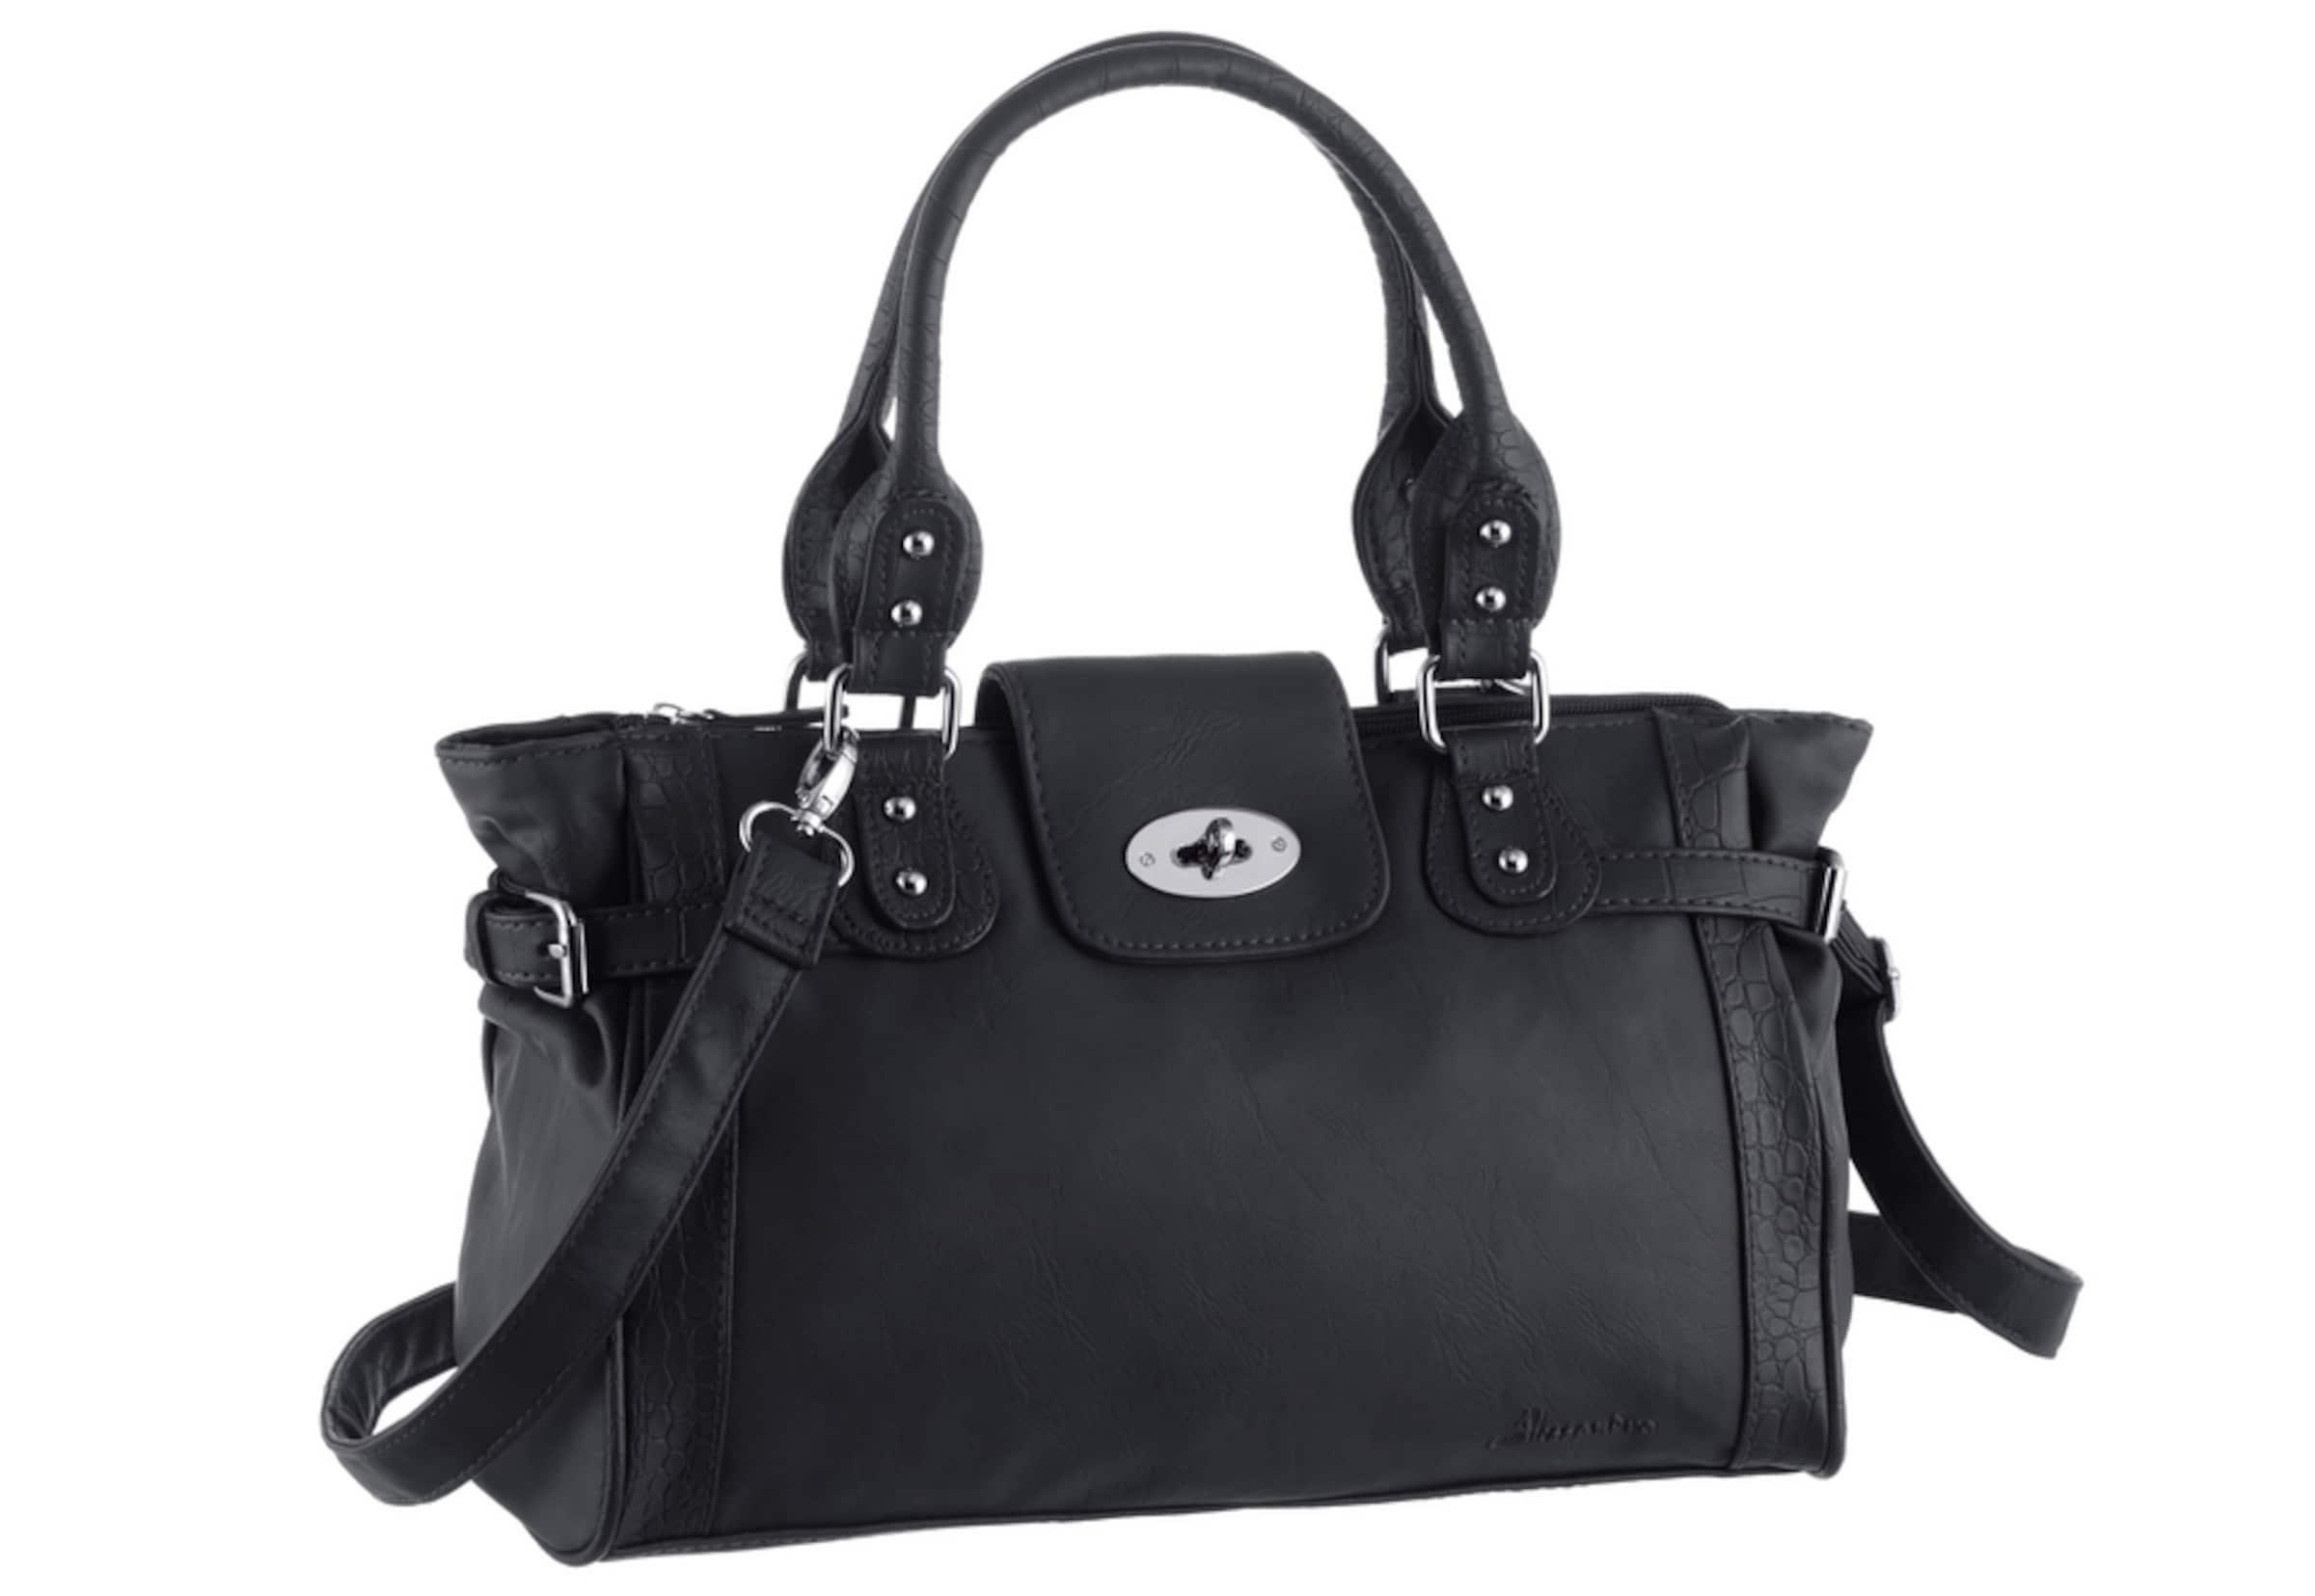 Qualität Outlet-Store J. Jayz Handtasche mit dezenter Reptil Prägung Günstig Kaufen Manchester K92gQWw2K